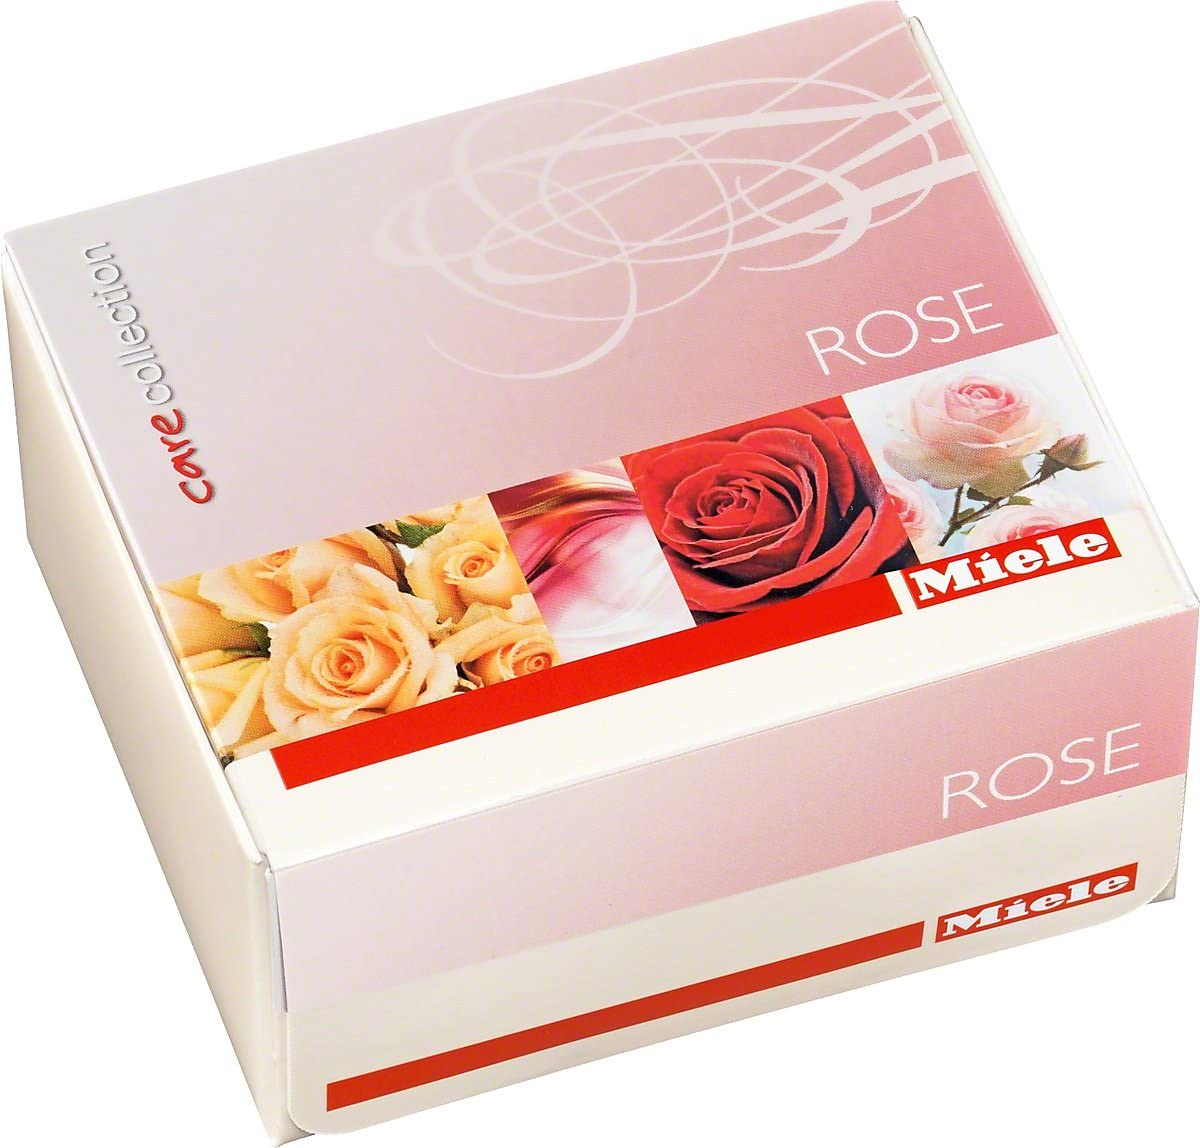 Miele FA R 151 L - Accesorio de hogar (Secadora, Rosa